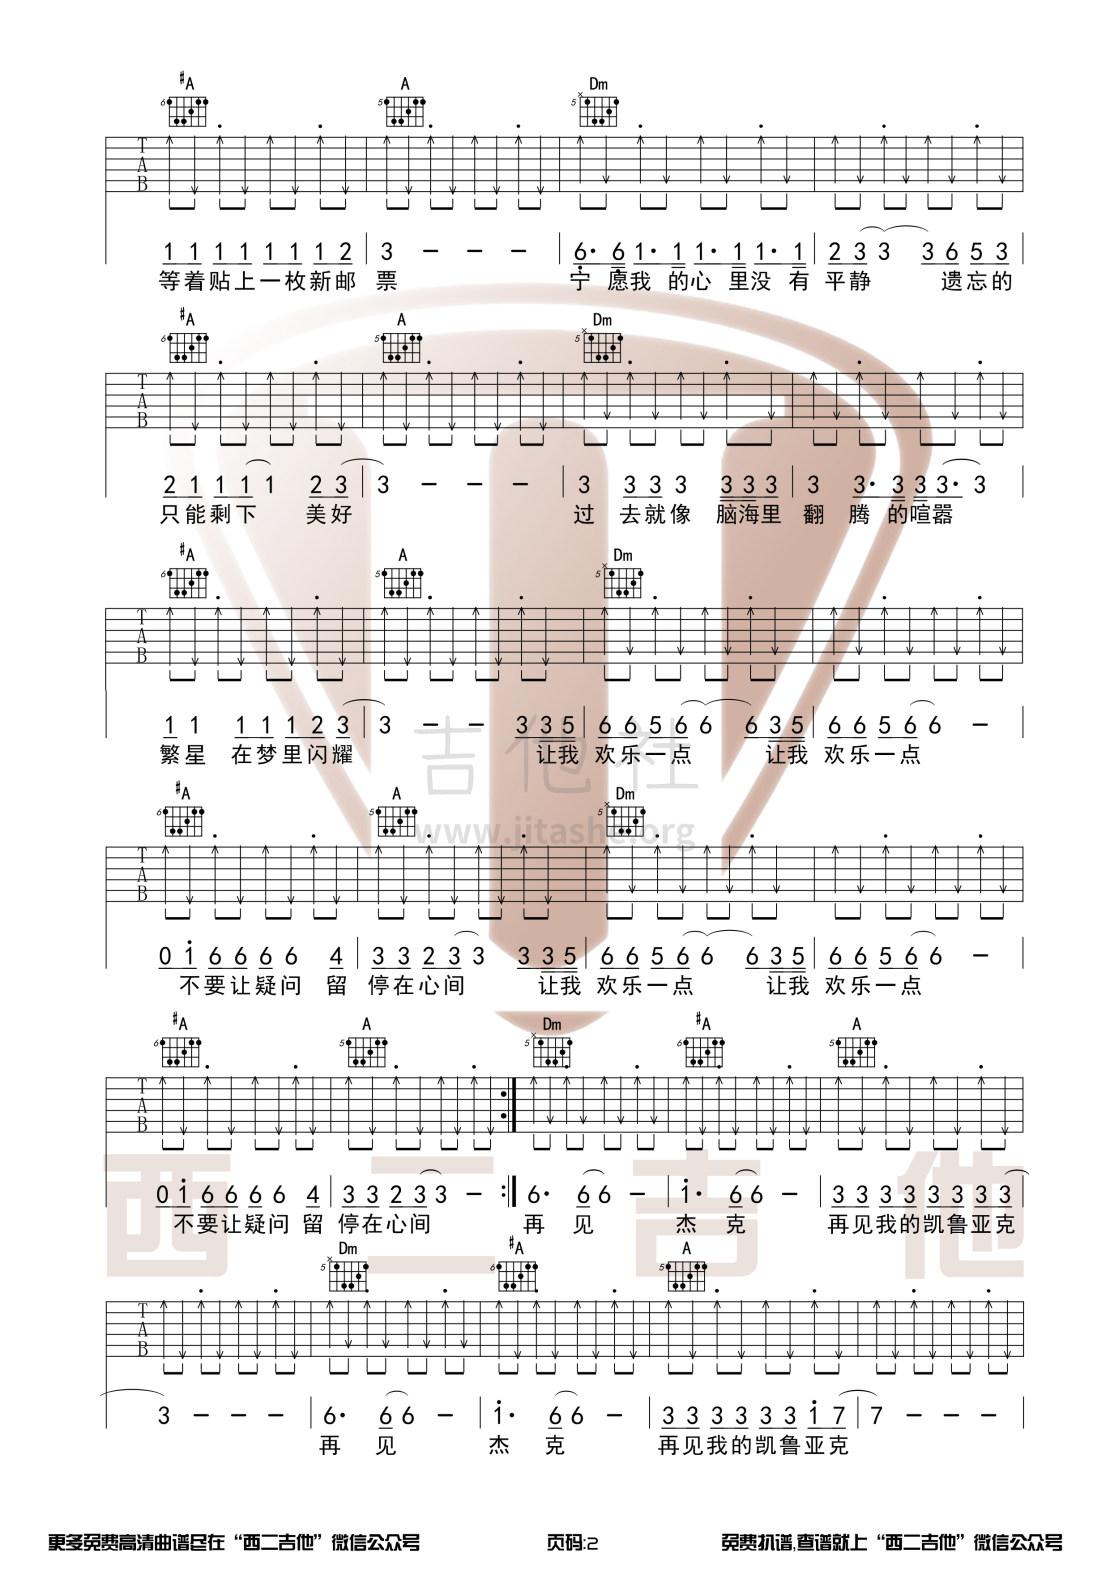 再见杰克(带前奏间奏吉他谱+演奏视频 西二吉他)吉他谱(图片谱,切音,西二吉他,原版)_痛苦的信仰(痛仰)_再见杰克2.jpg